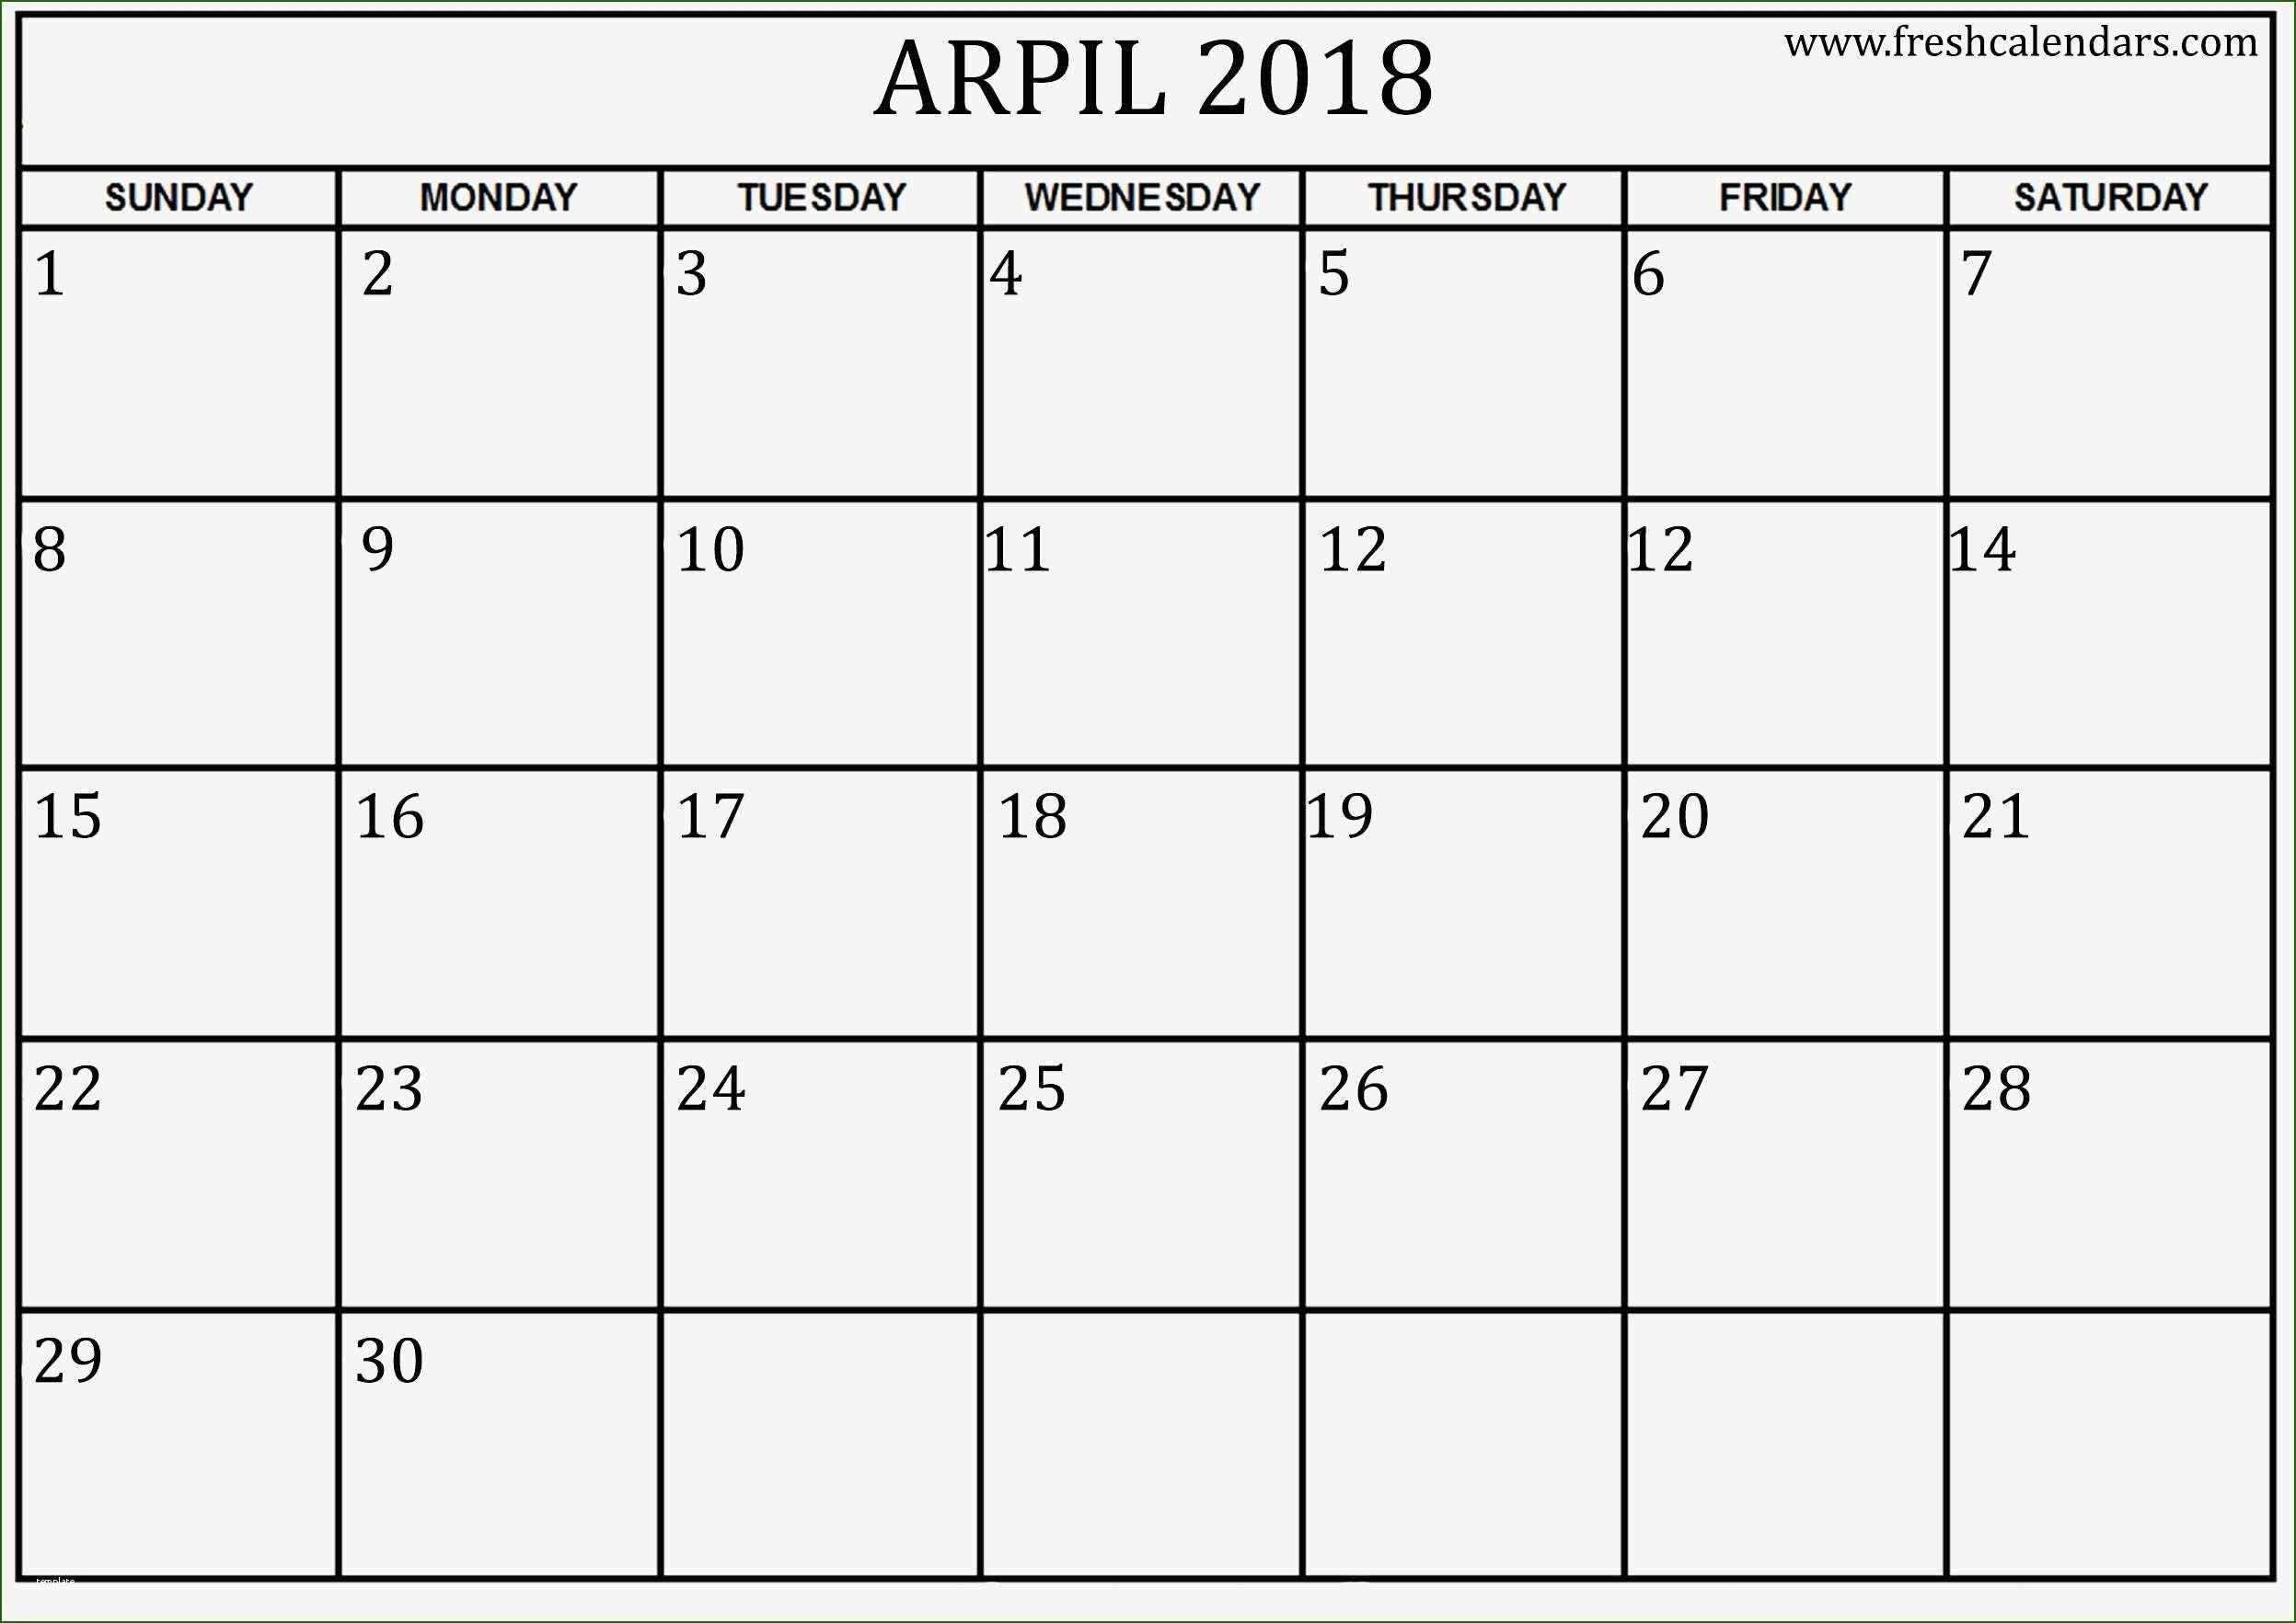 13 Exquisite Google Docs Calendar Template In 2020 | Monthly